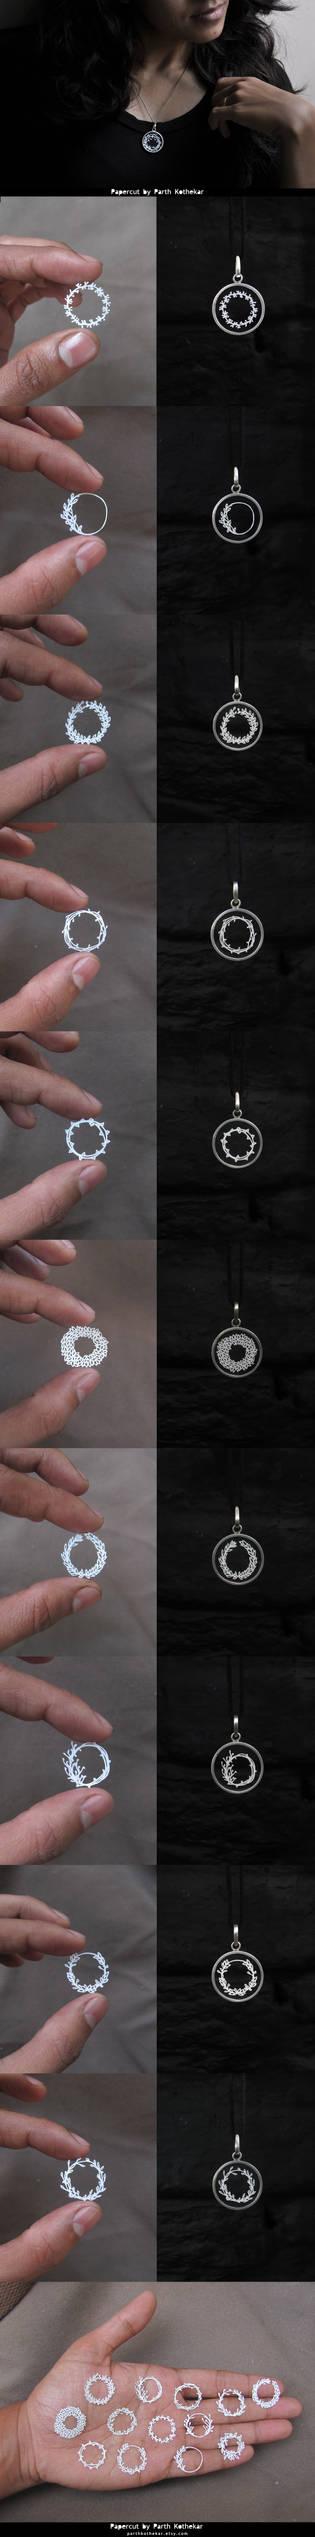 Miniature Papercut Pendants - Floral Frames